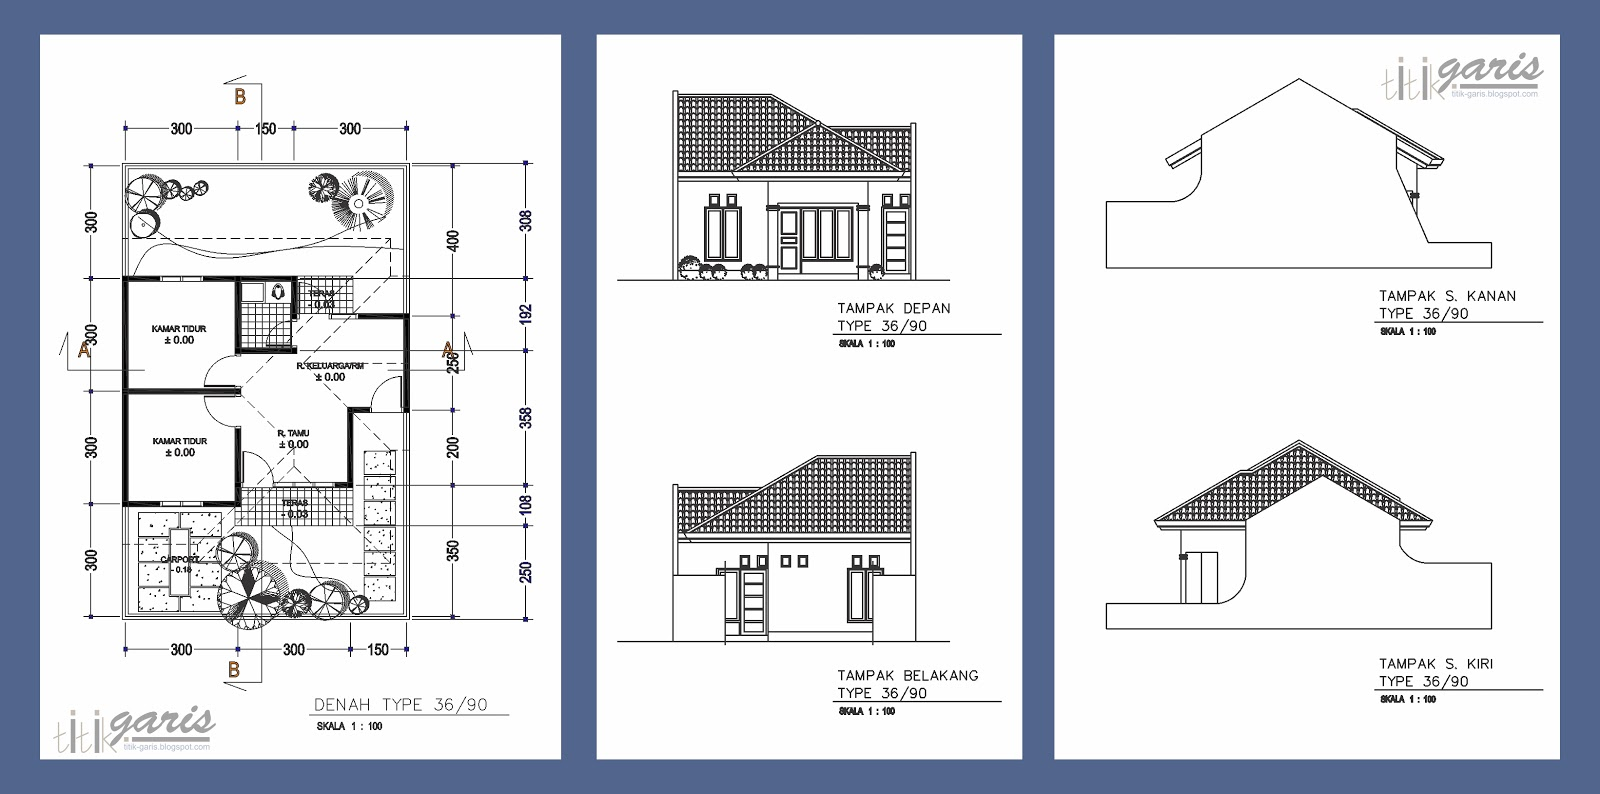 Kumpulan gambar denah dan tampak berbagai macam tipe rumah